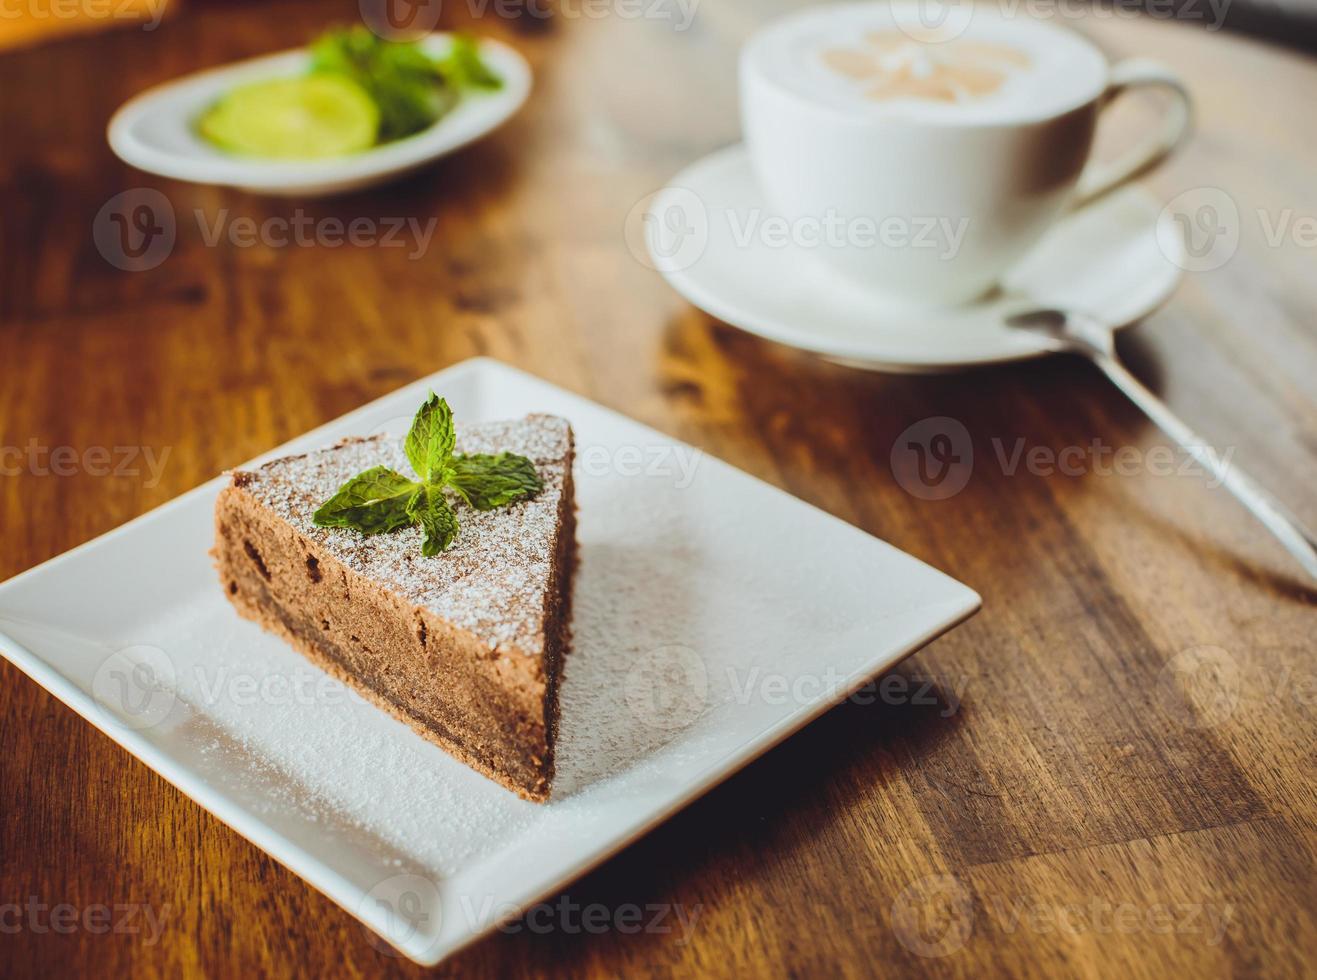 Gâteau au chocolat avec un cappuccino sur une table en bois dans un restaurant photo